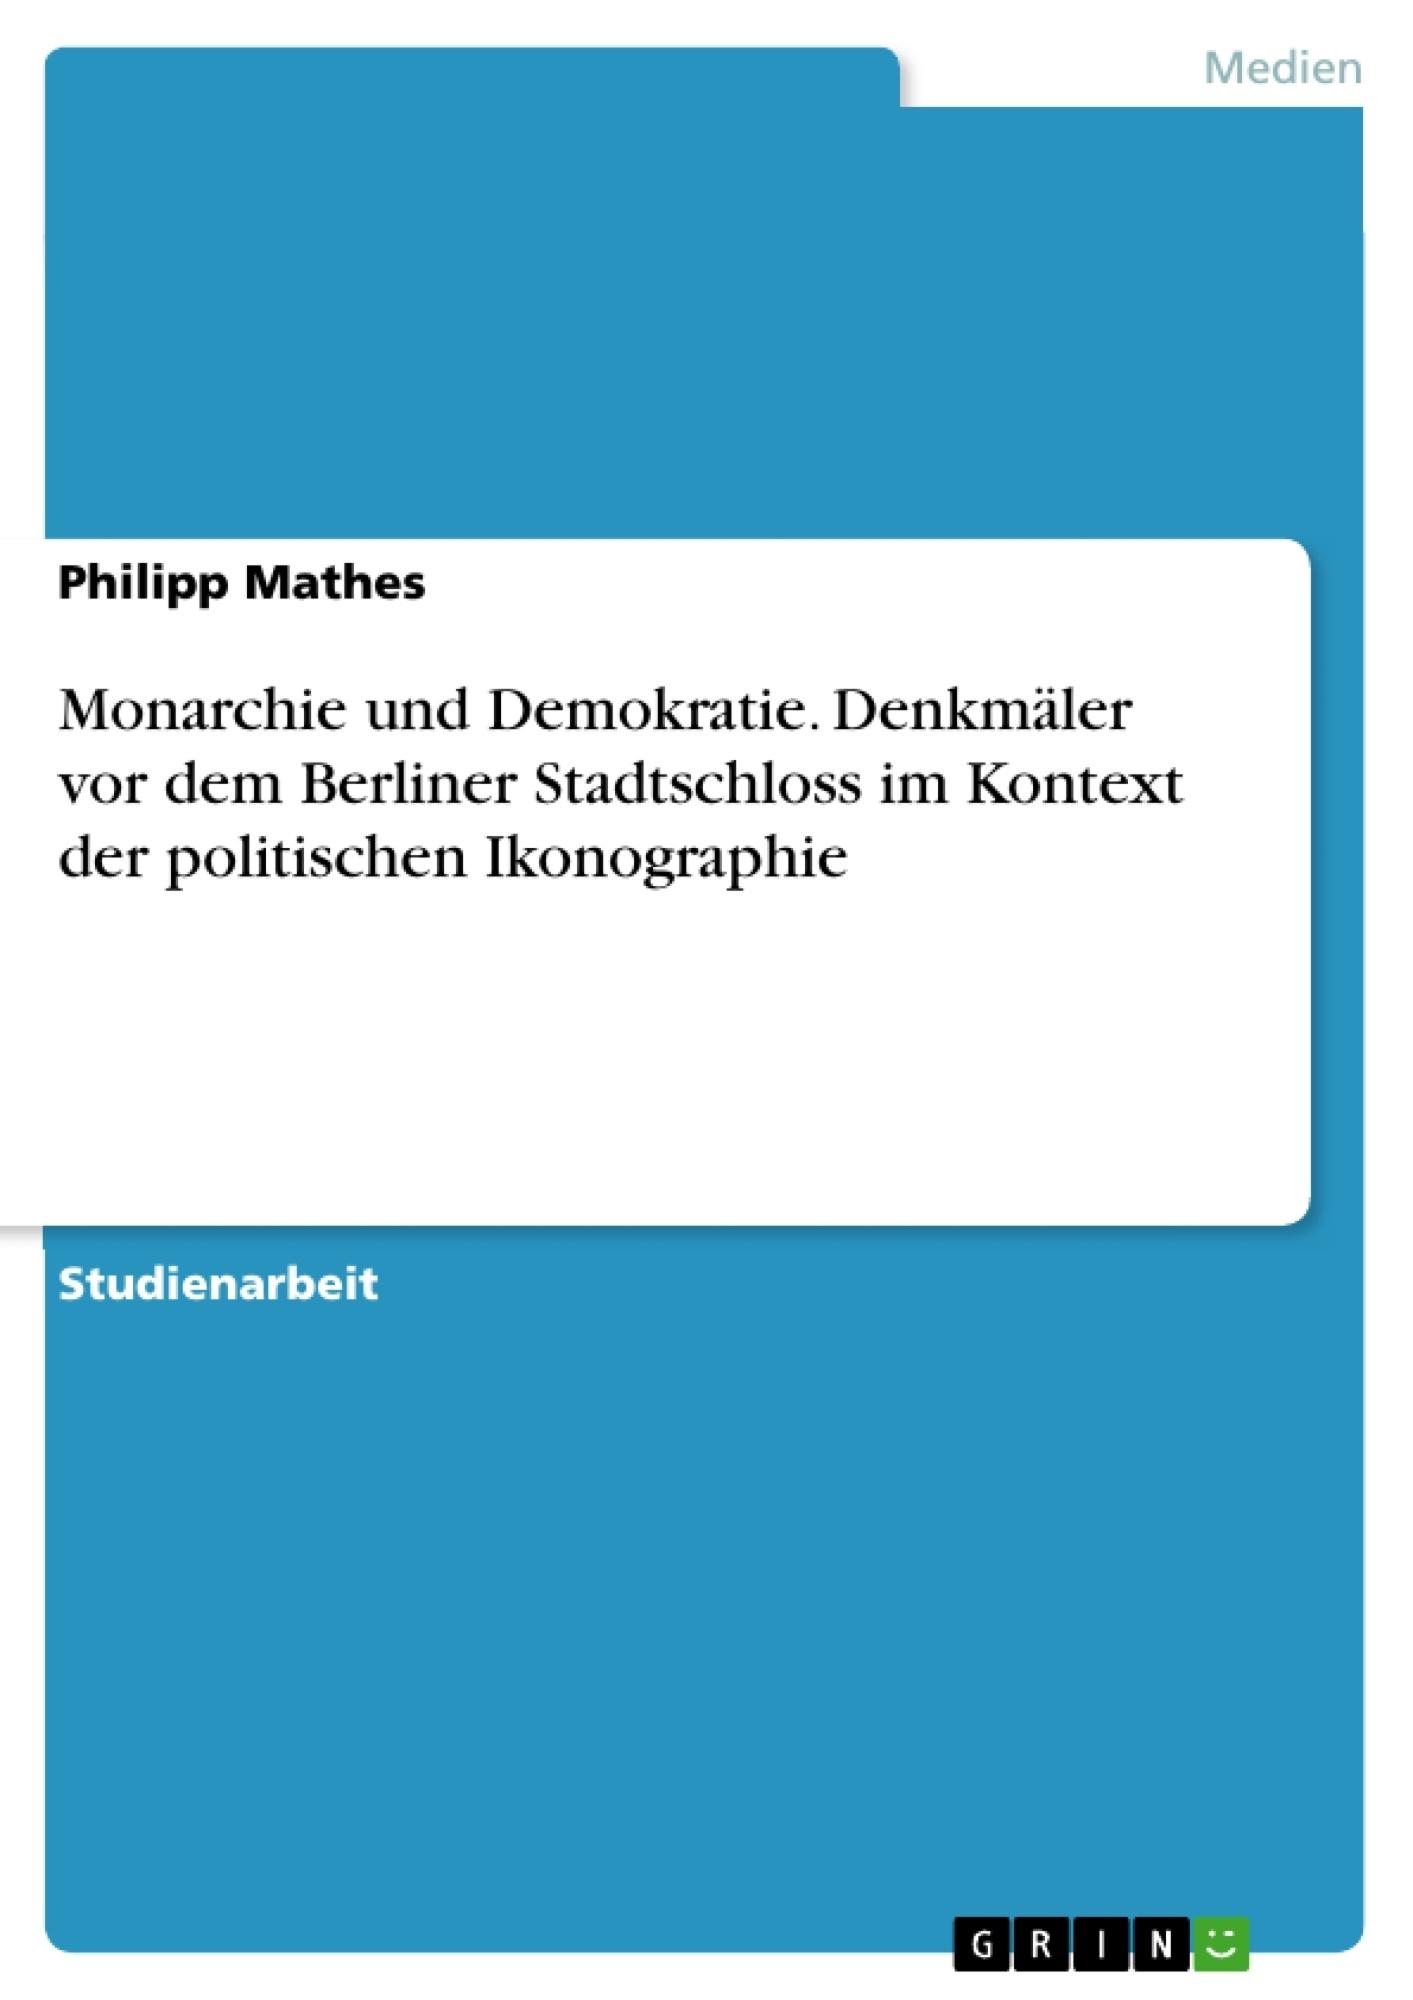 Titel: Monarchie und Demokratie. Denkmäler vor dem Berliner Stadtschloss im Kontext der politischen Ikonographie